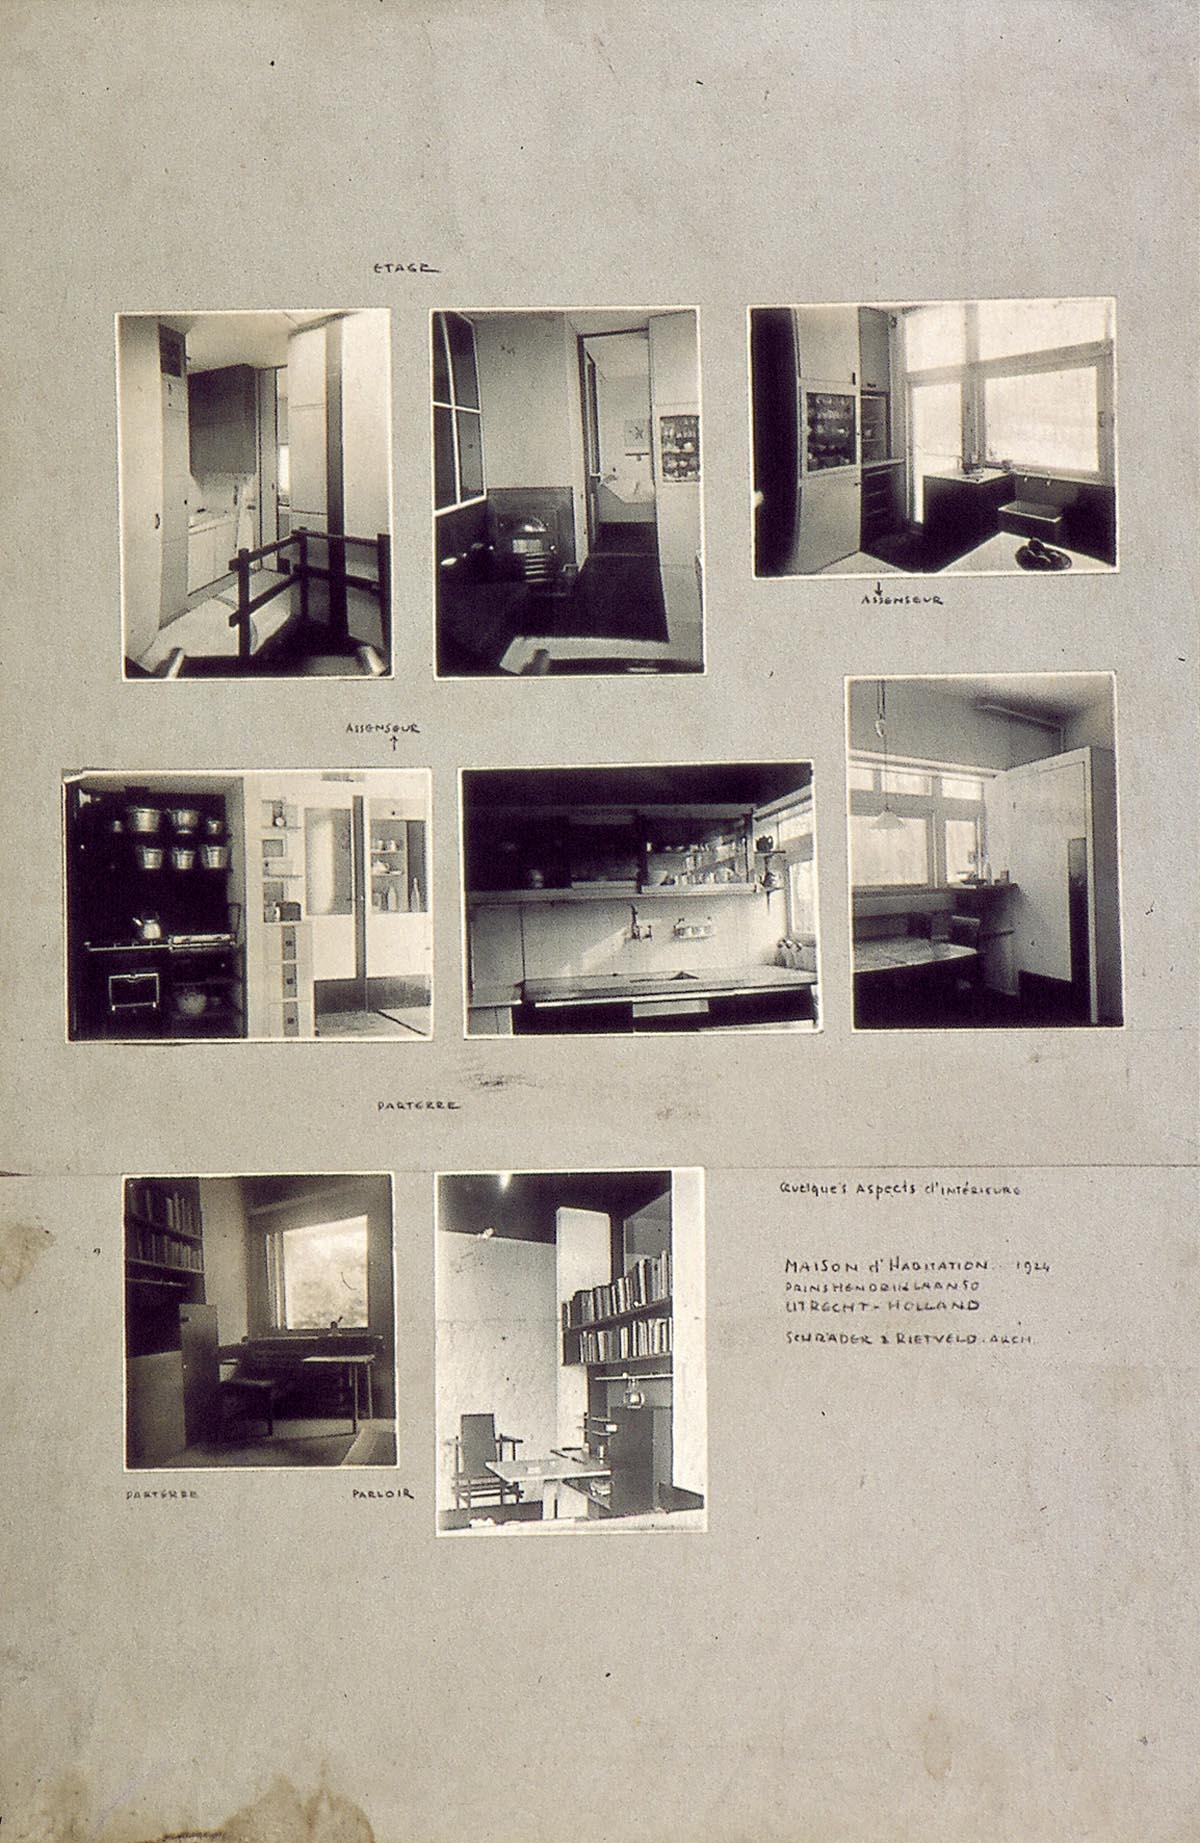 Acht foto\'s van interieur (keuken, eet-, bad-, studie- en woonkamer ...